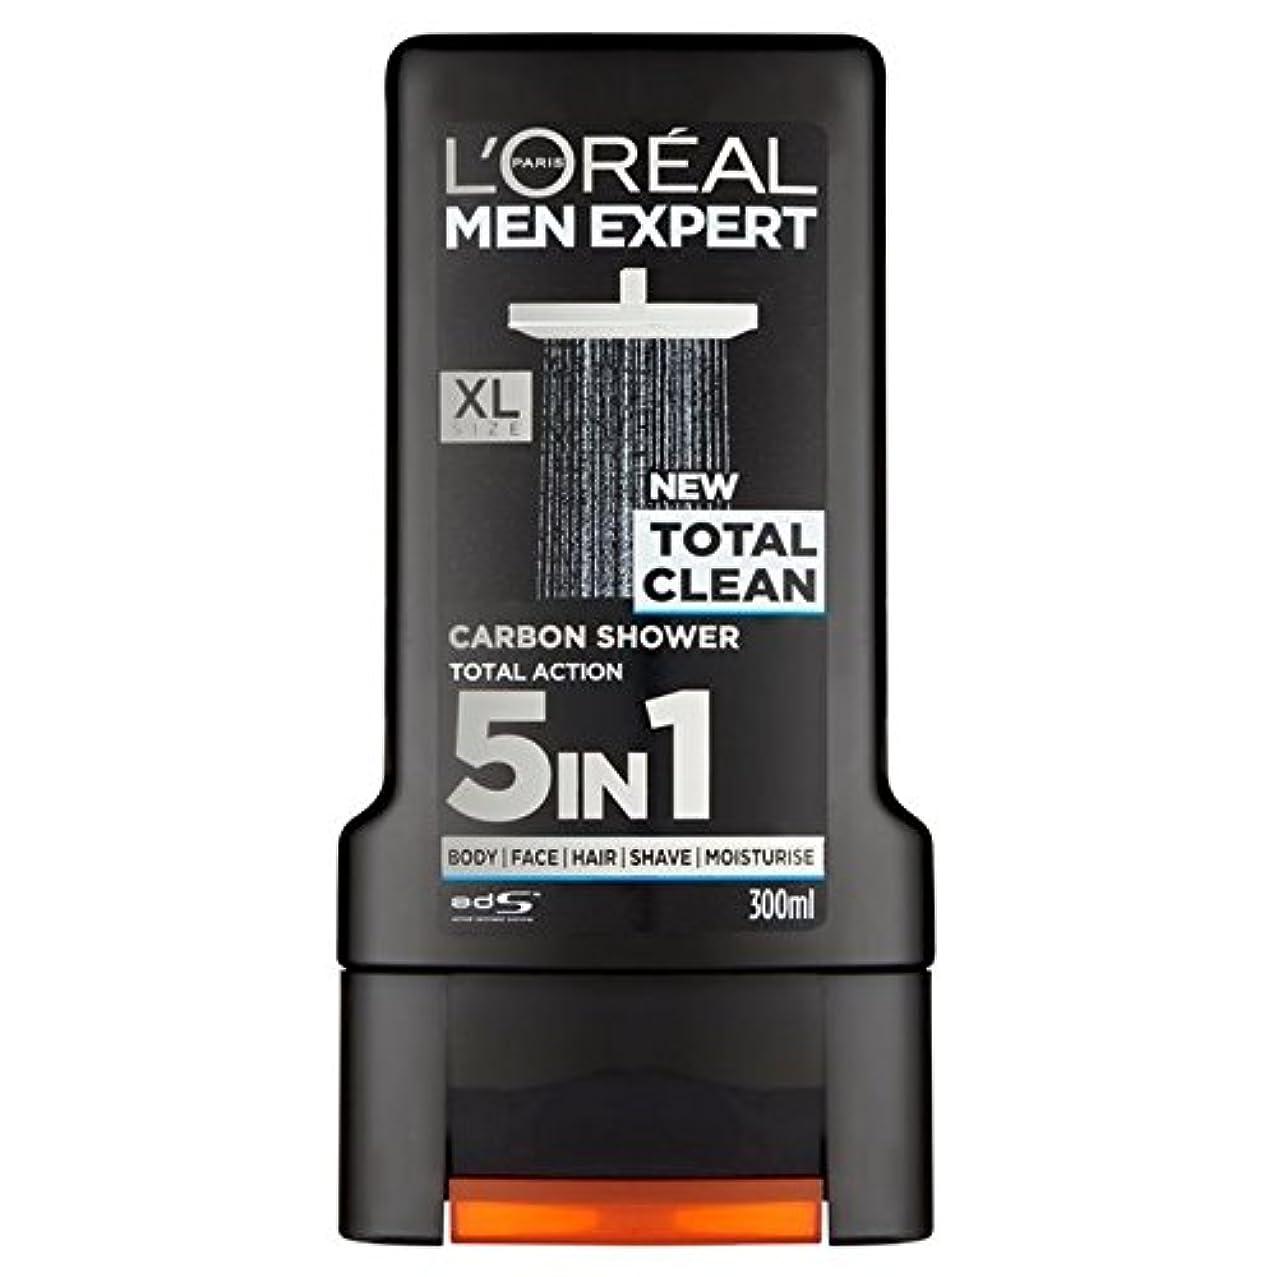 中傷発行する複製L'Oreal Paris Men Expert Total Clean Shower Gel 300ml (Pack of 6) - ロレアルパリのメンズ専門トータルクリーンシャワージェル300ミリリットル x6 [並行輸入品]